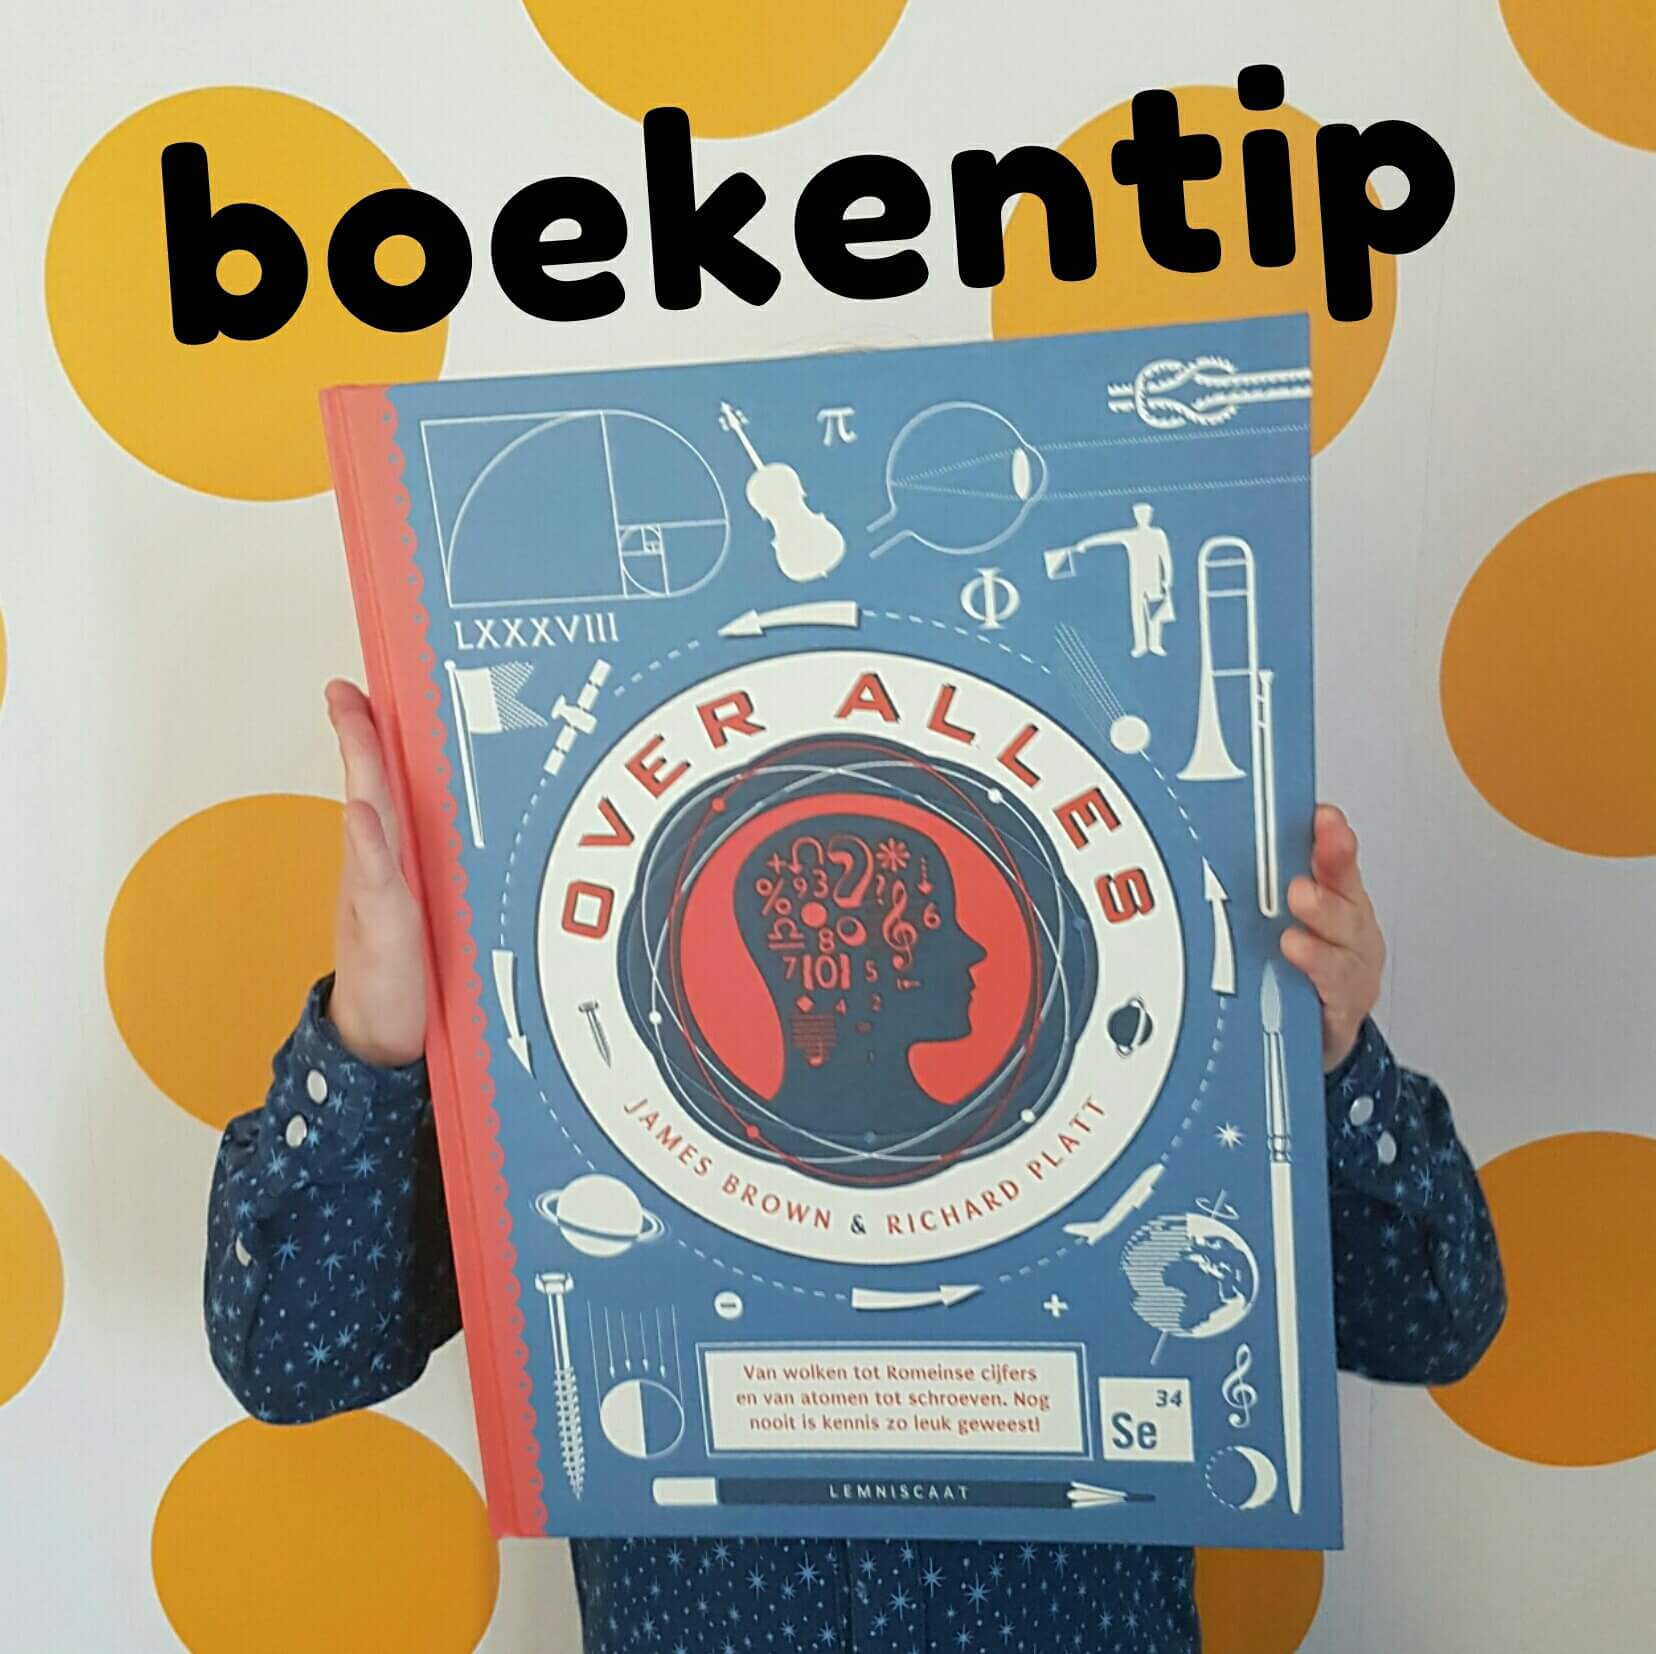 Boekentip: Over Alles, voor nieuwsgierige kinderen die alles willen weten James Brown en Richard Platt